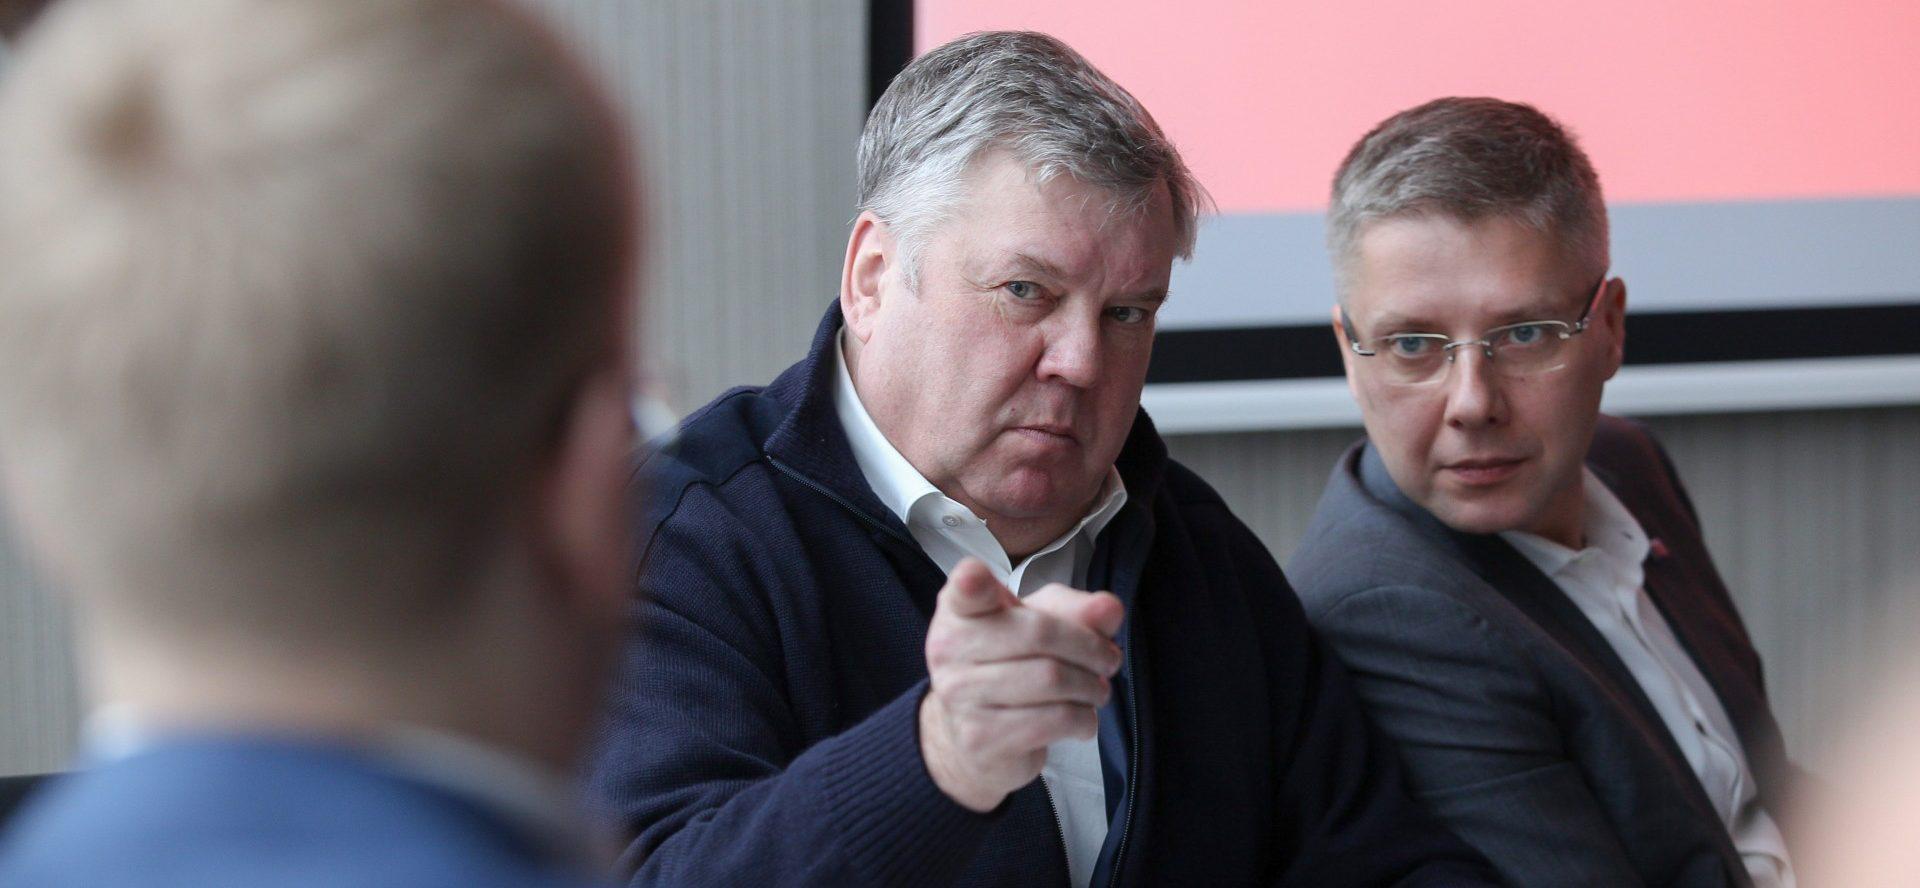 Ушаков: список «Согласия» на выборах в РД должен возглавить узнаваемый человек без депутатского прошлого